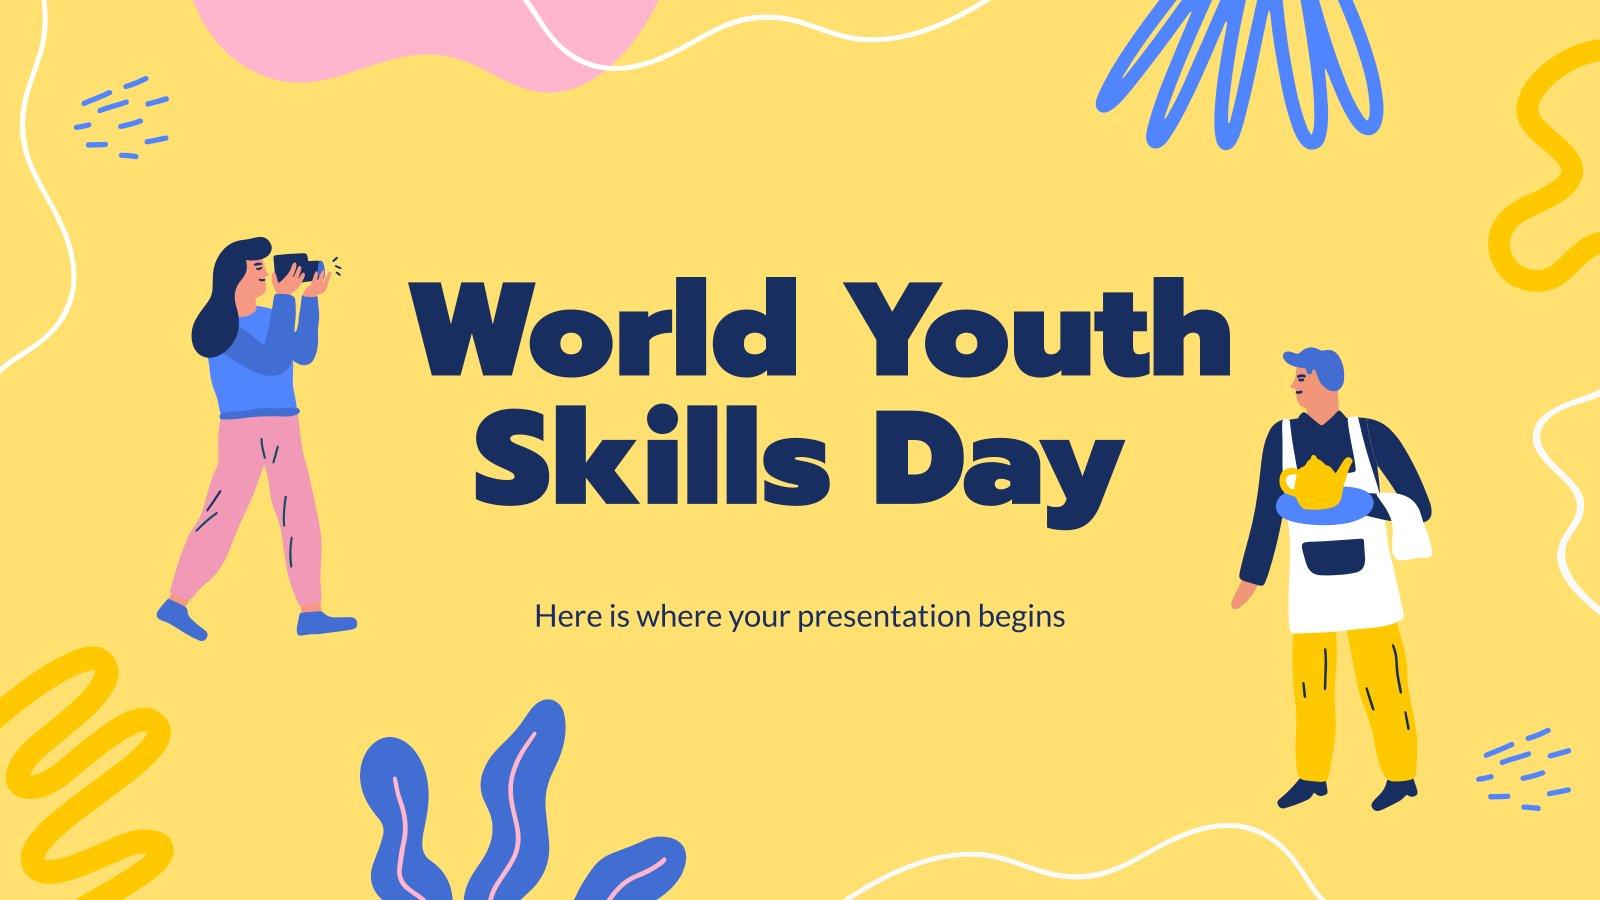 Journée mondiale des compétences des jeunes : Modèles de présentation